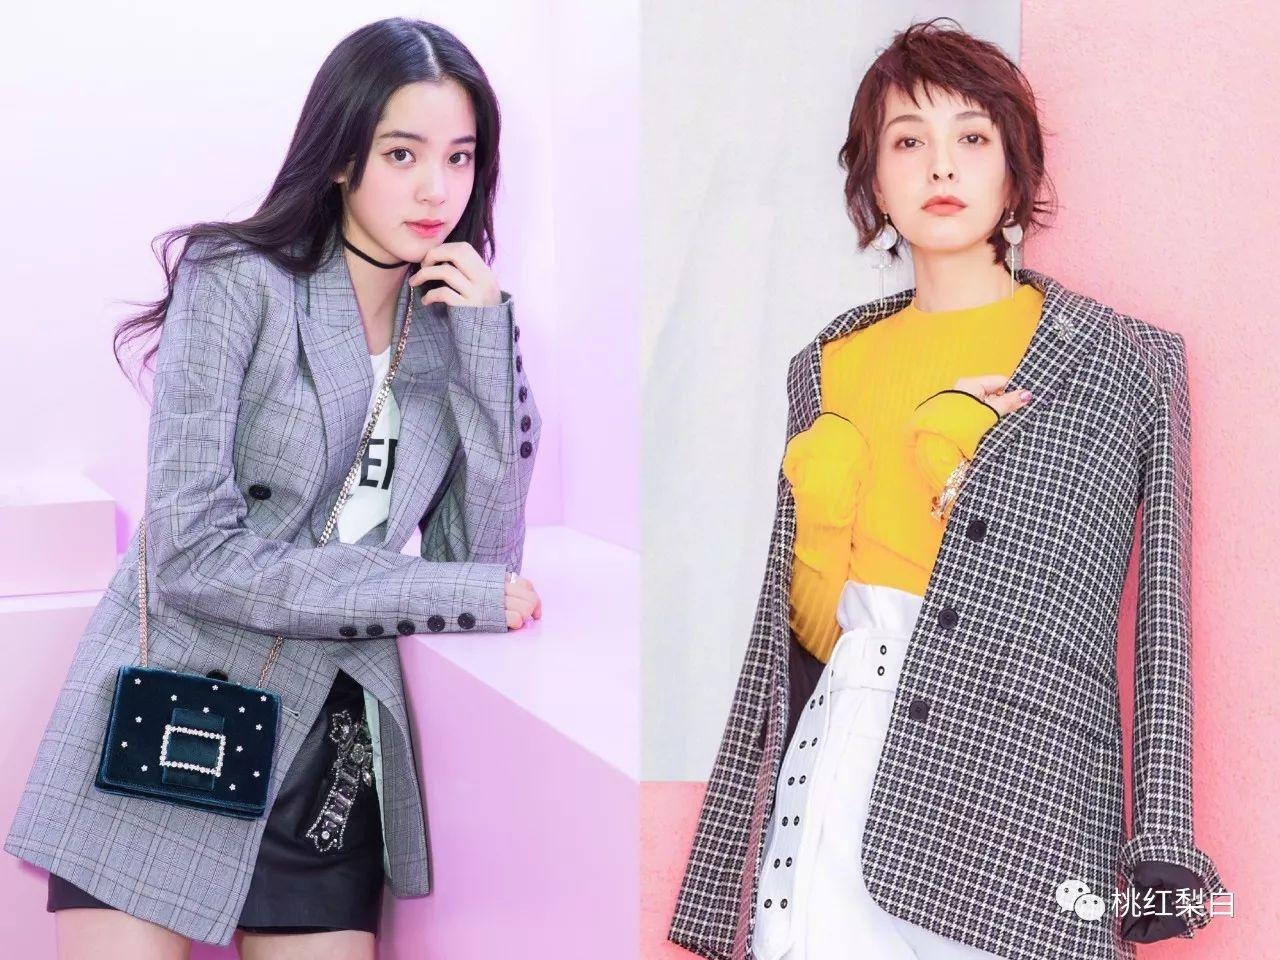 桃红梨白:欧阳娜娜和吴昕,谁的演技更浮夸?